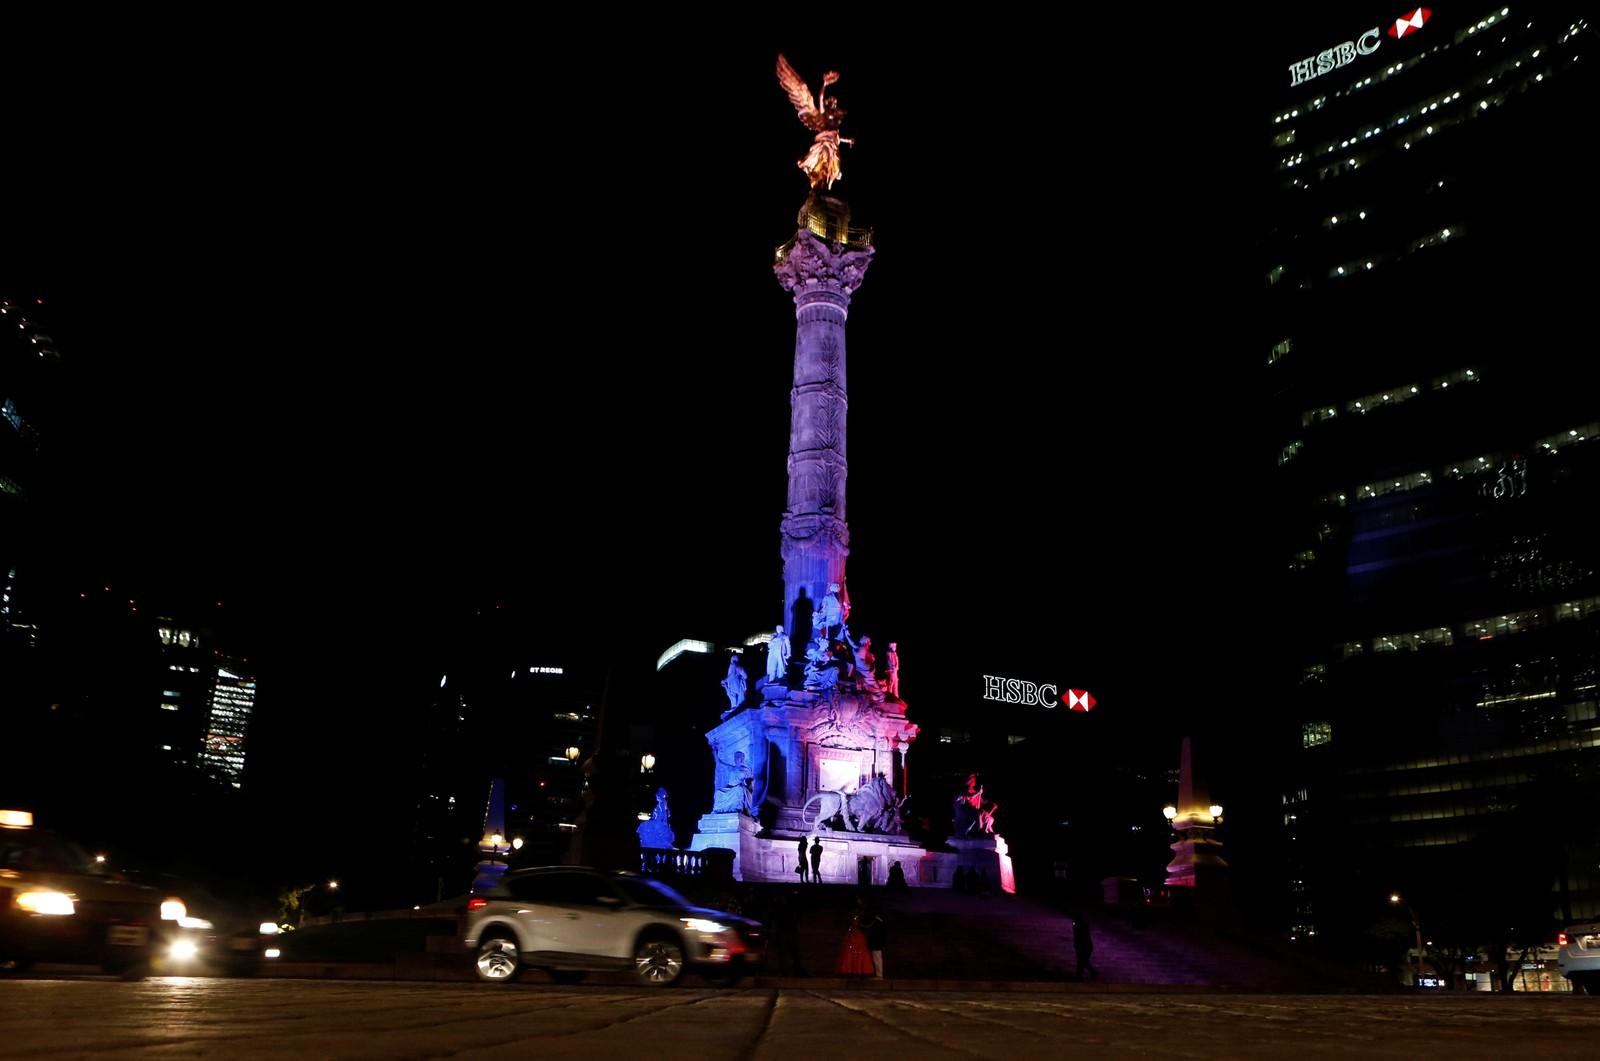 Frihetsengelen i Mexico City lyser opp i fargene til det franske flagget etter tragedien i Nice.